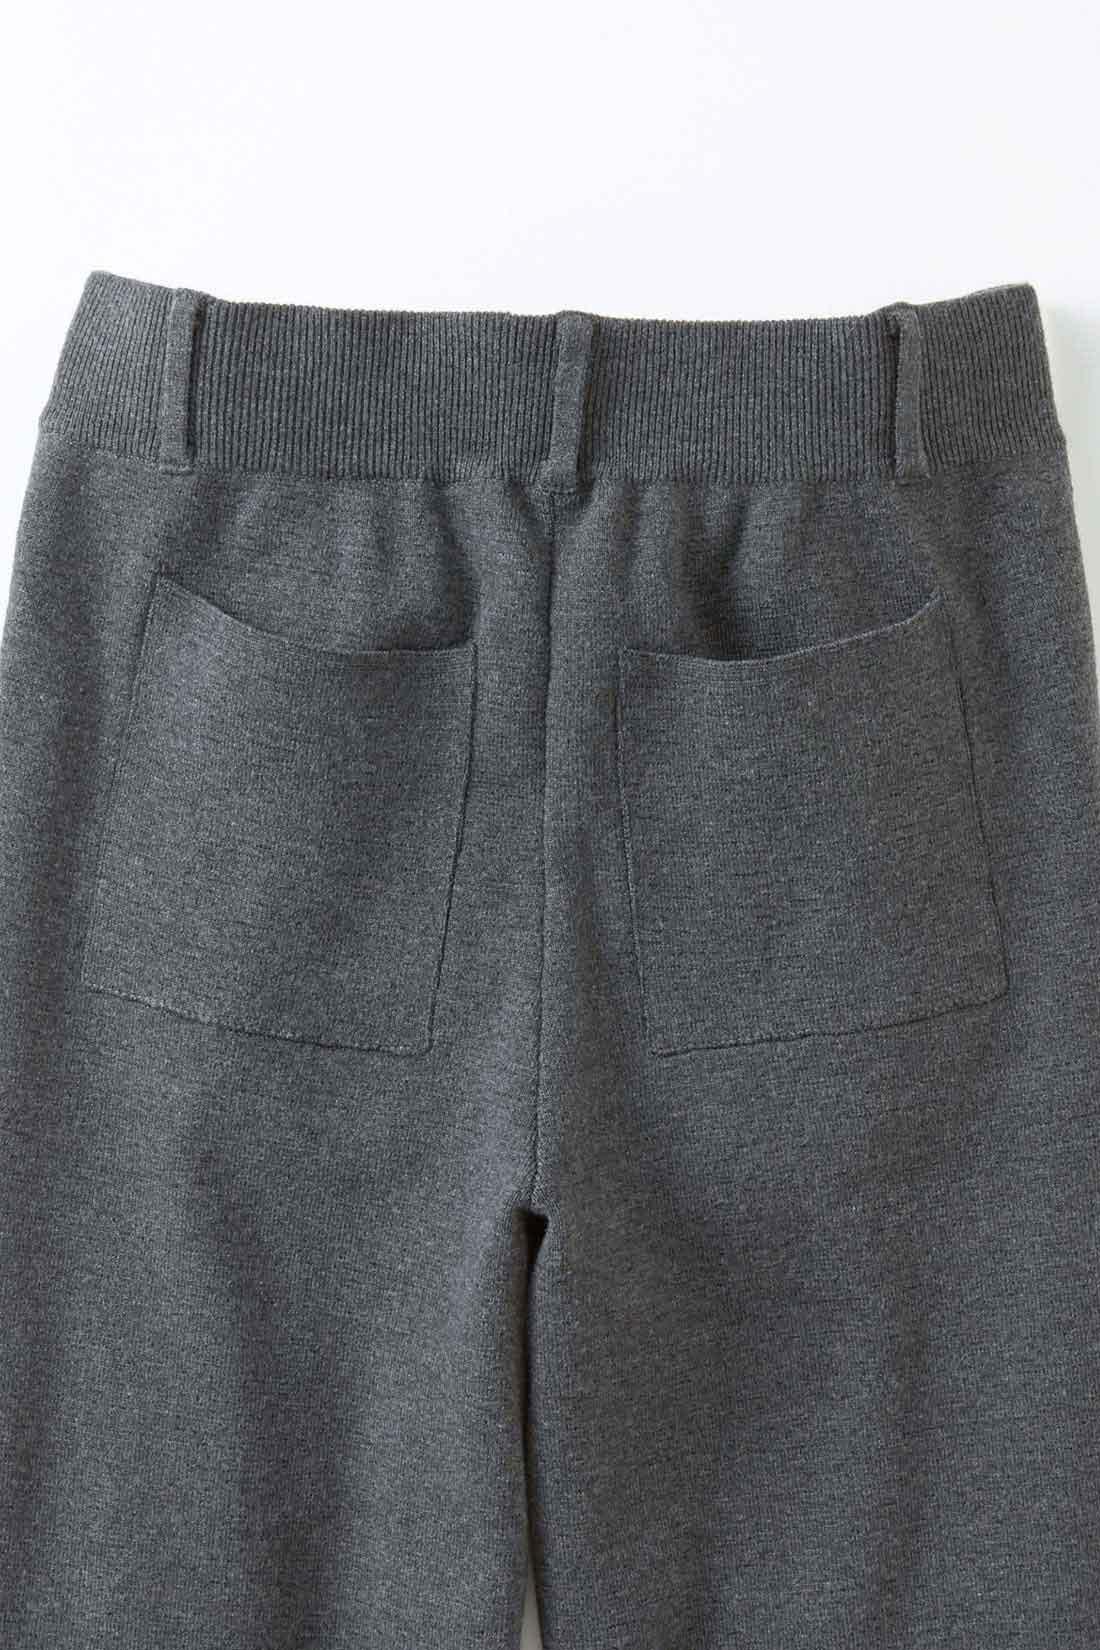 バックの四角ポケット。 存在感のある後ろポケットでヒップラインをおしゃれにカバー。 ※お届けするカラーとは異なります。